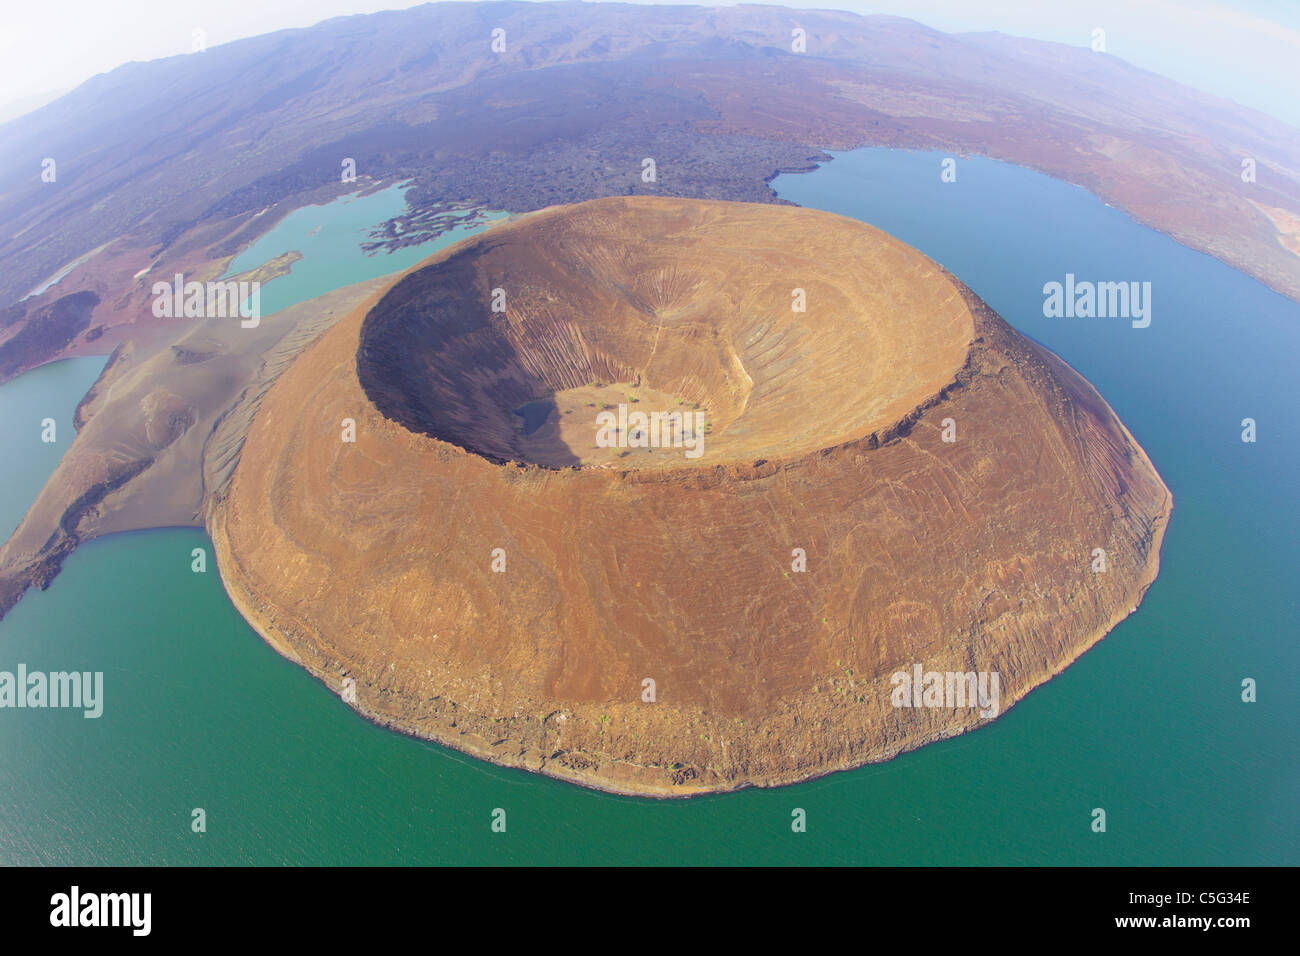 Il lago Turkana è situato nella Grande Rift Valley in Kenya.it è il più grande lago del deserto. Immagini Stock